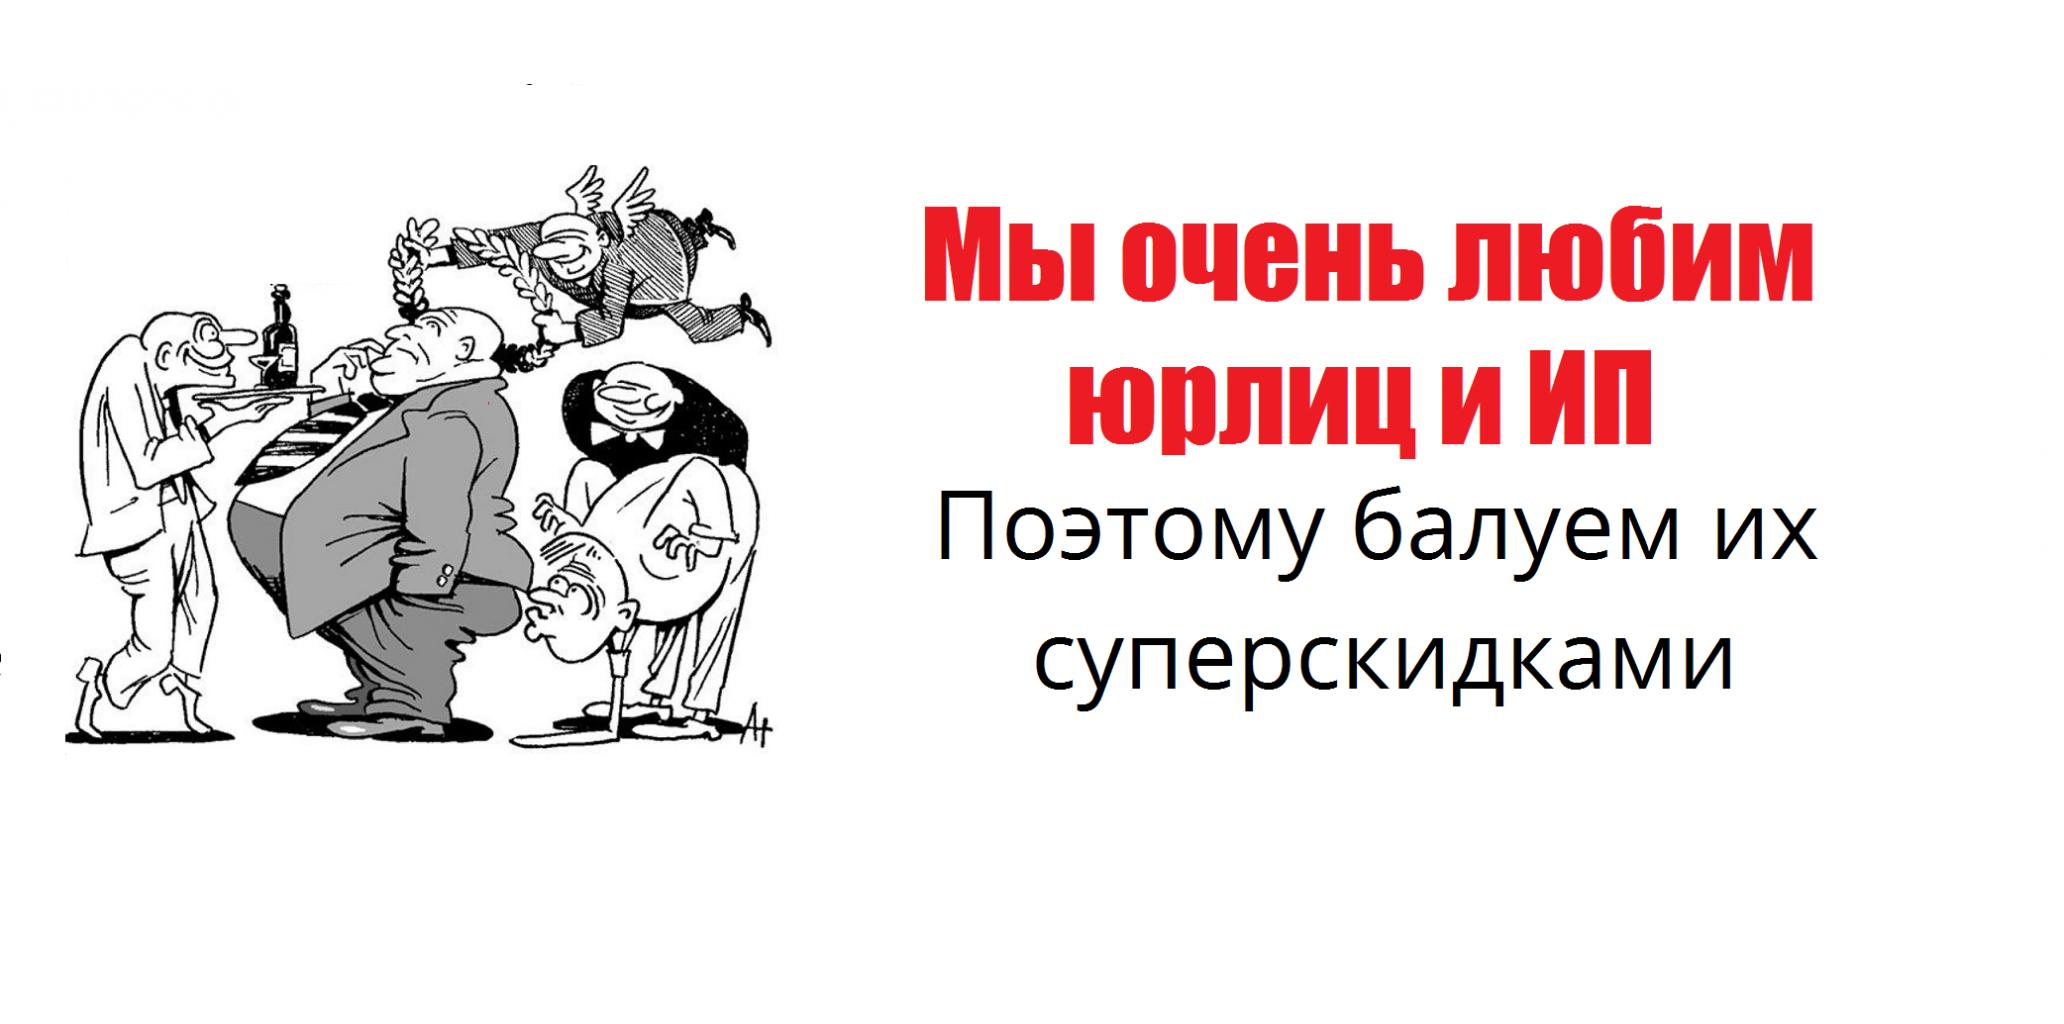 yurlitsa